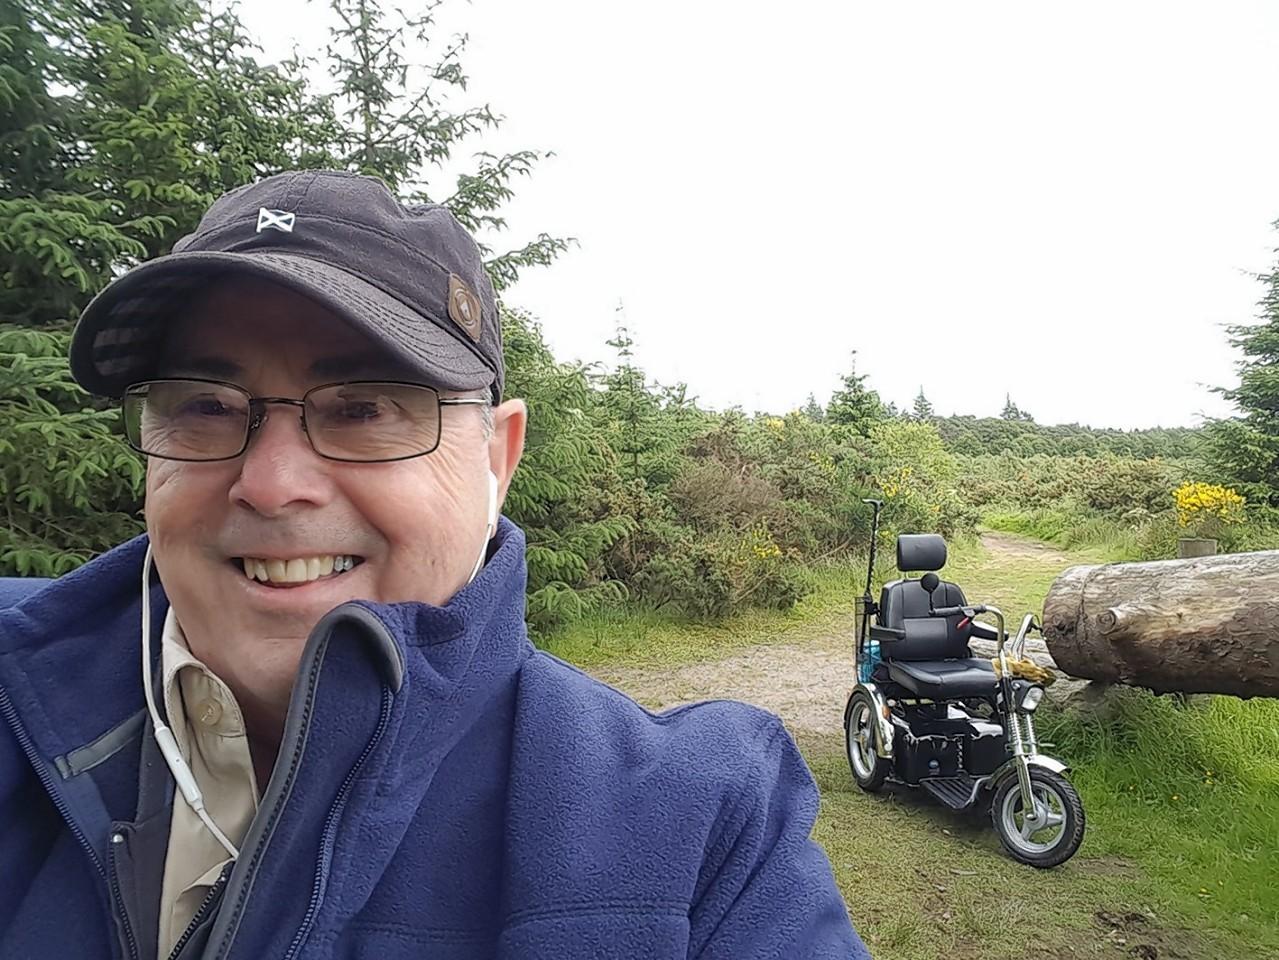 Bill Robertson a disabled mountaineer from Aberdeen